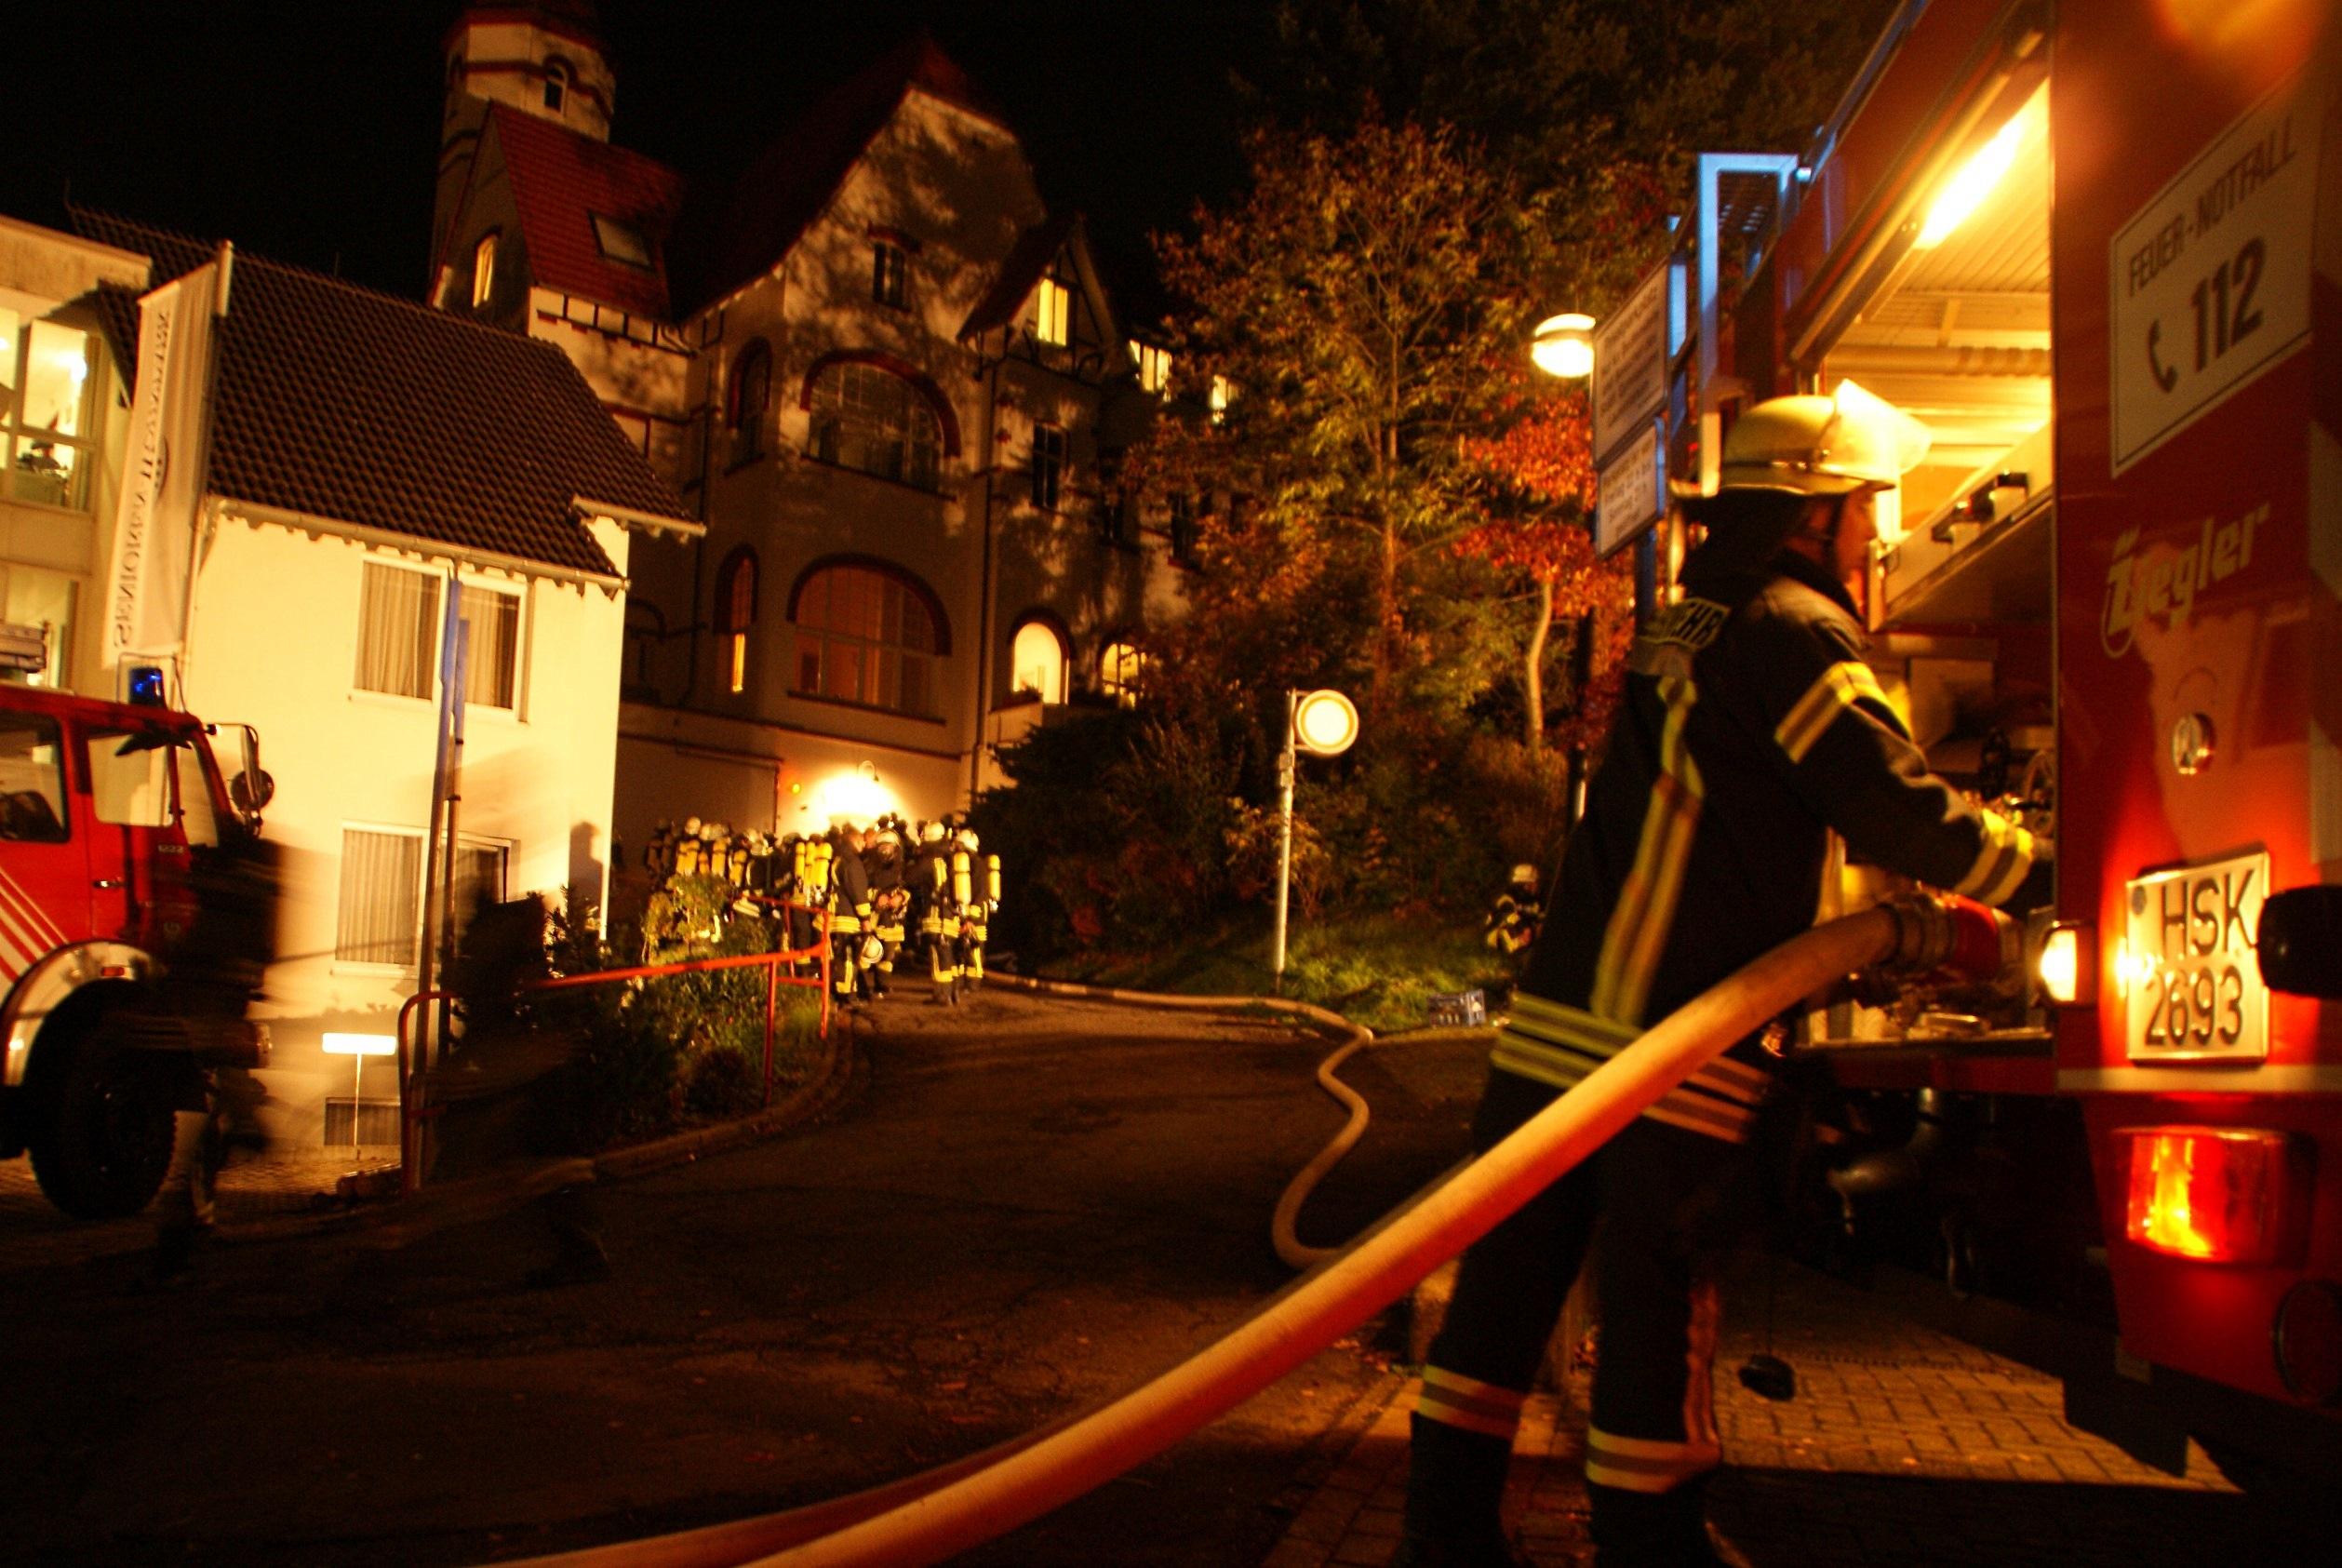 Der Brand im Senioren-Wohnpark auf dem Klosterberg forderte am 18. Oktober  ein Menschenleben. (Foto: Feuerwehr)